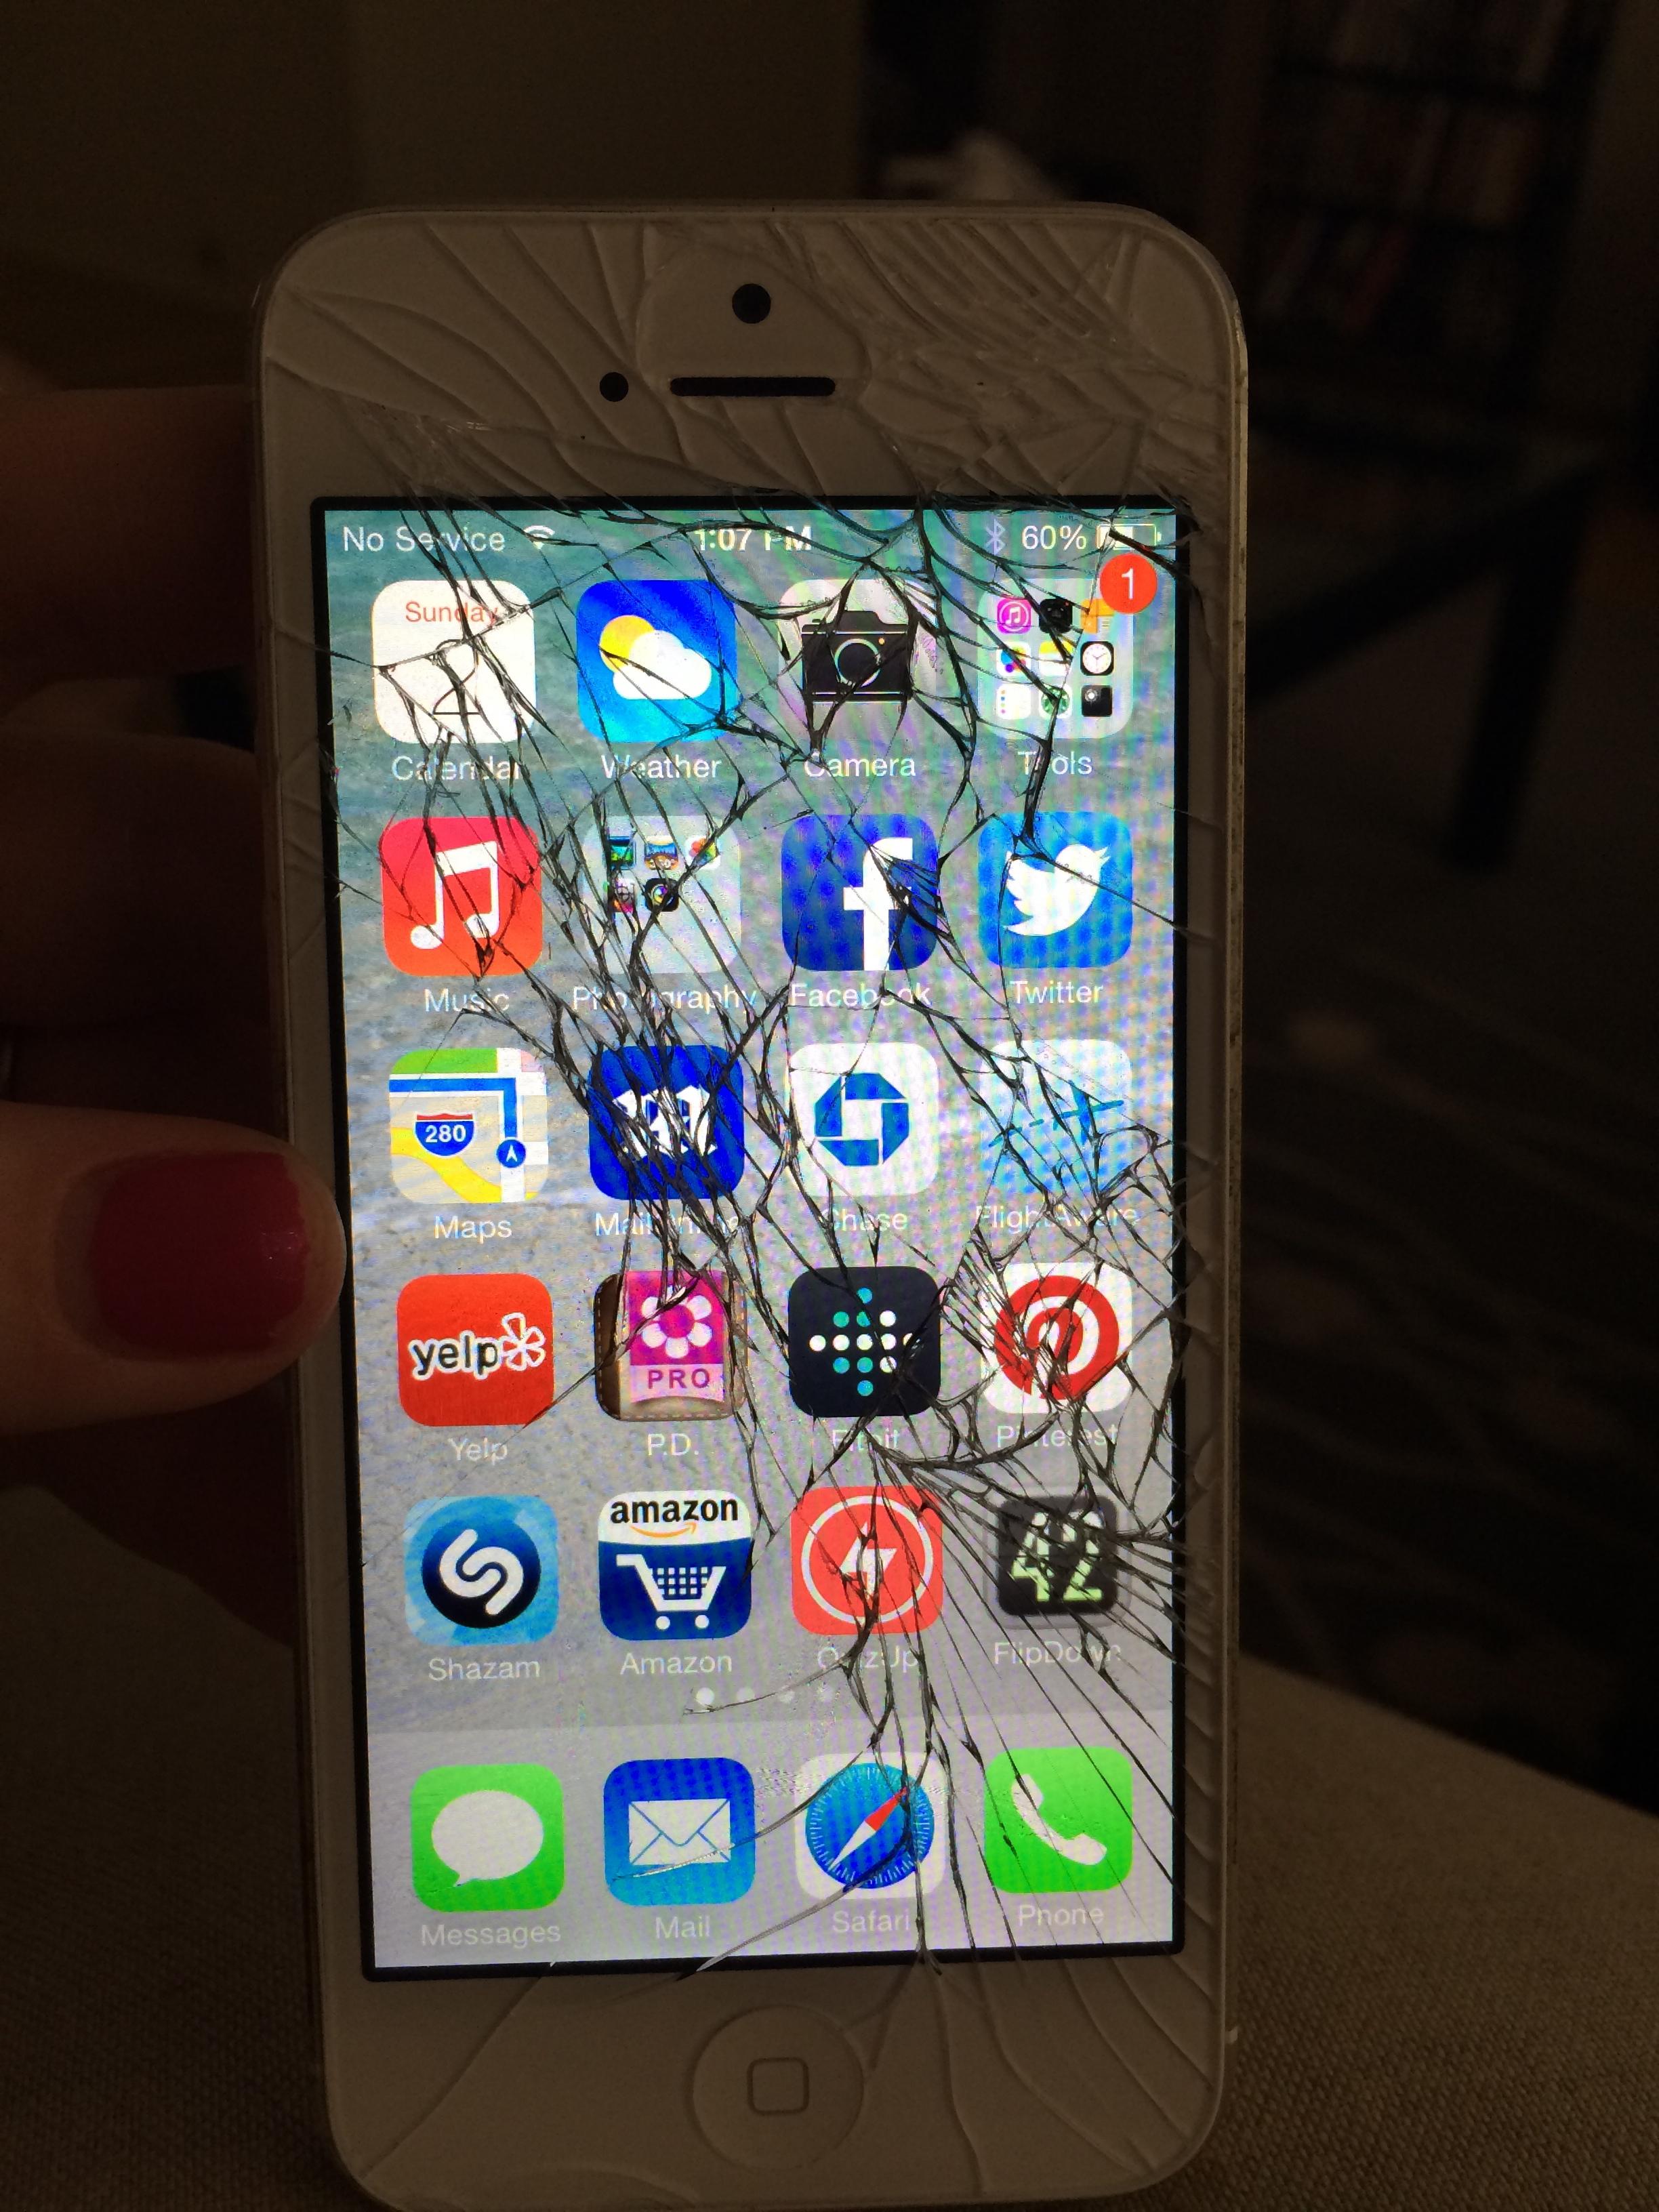 iphone 5s broken screen